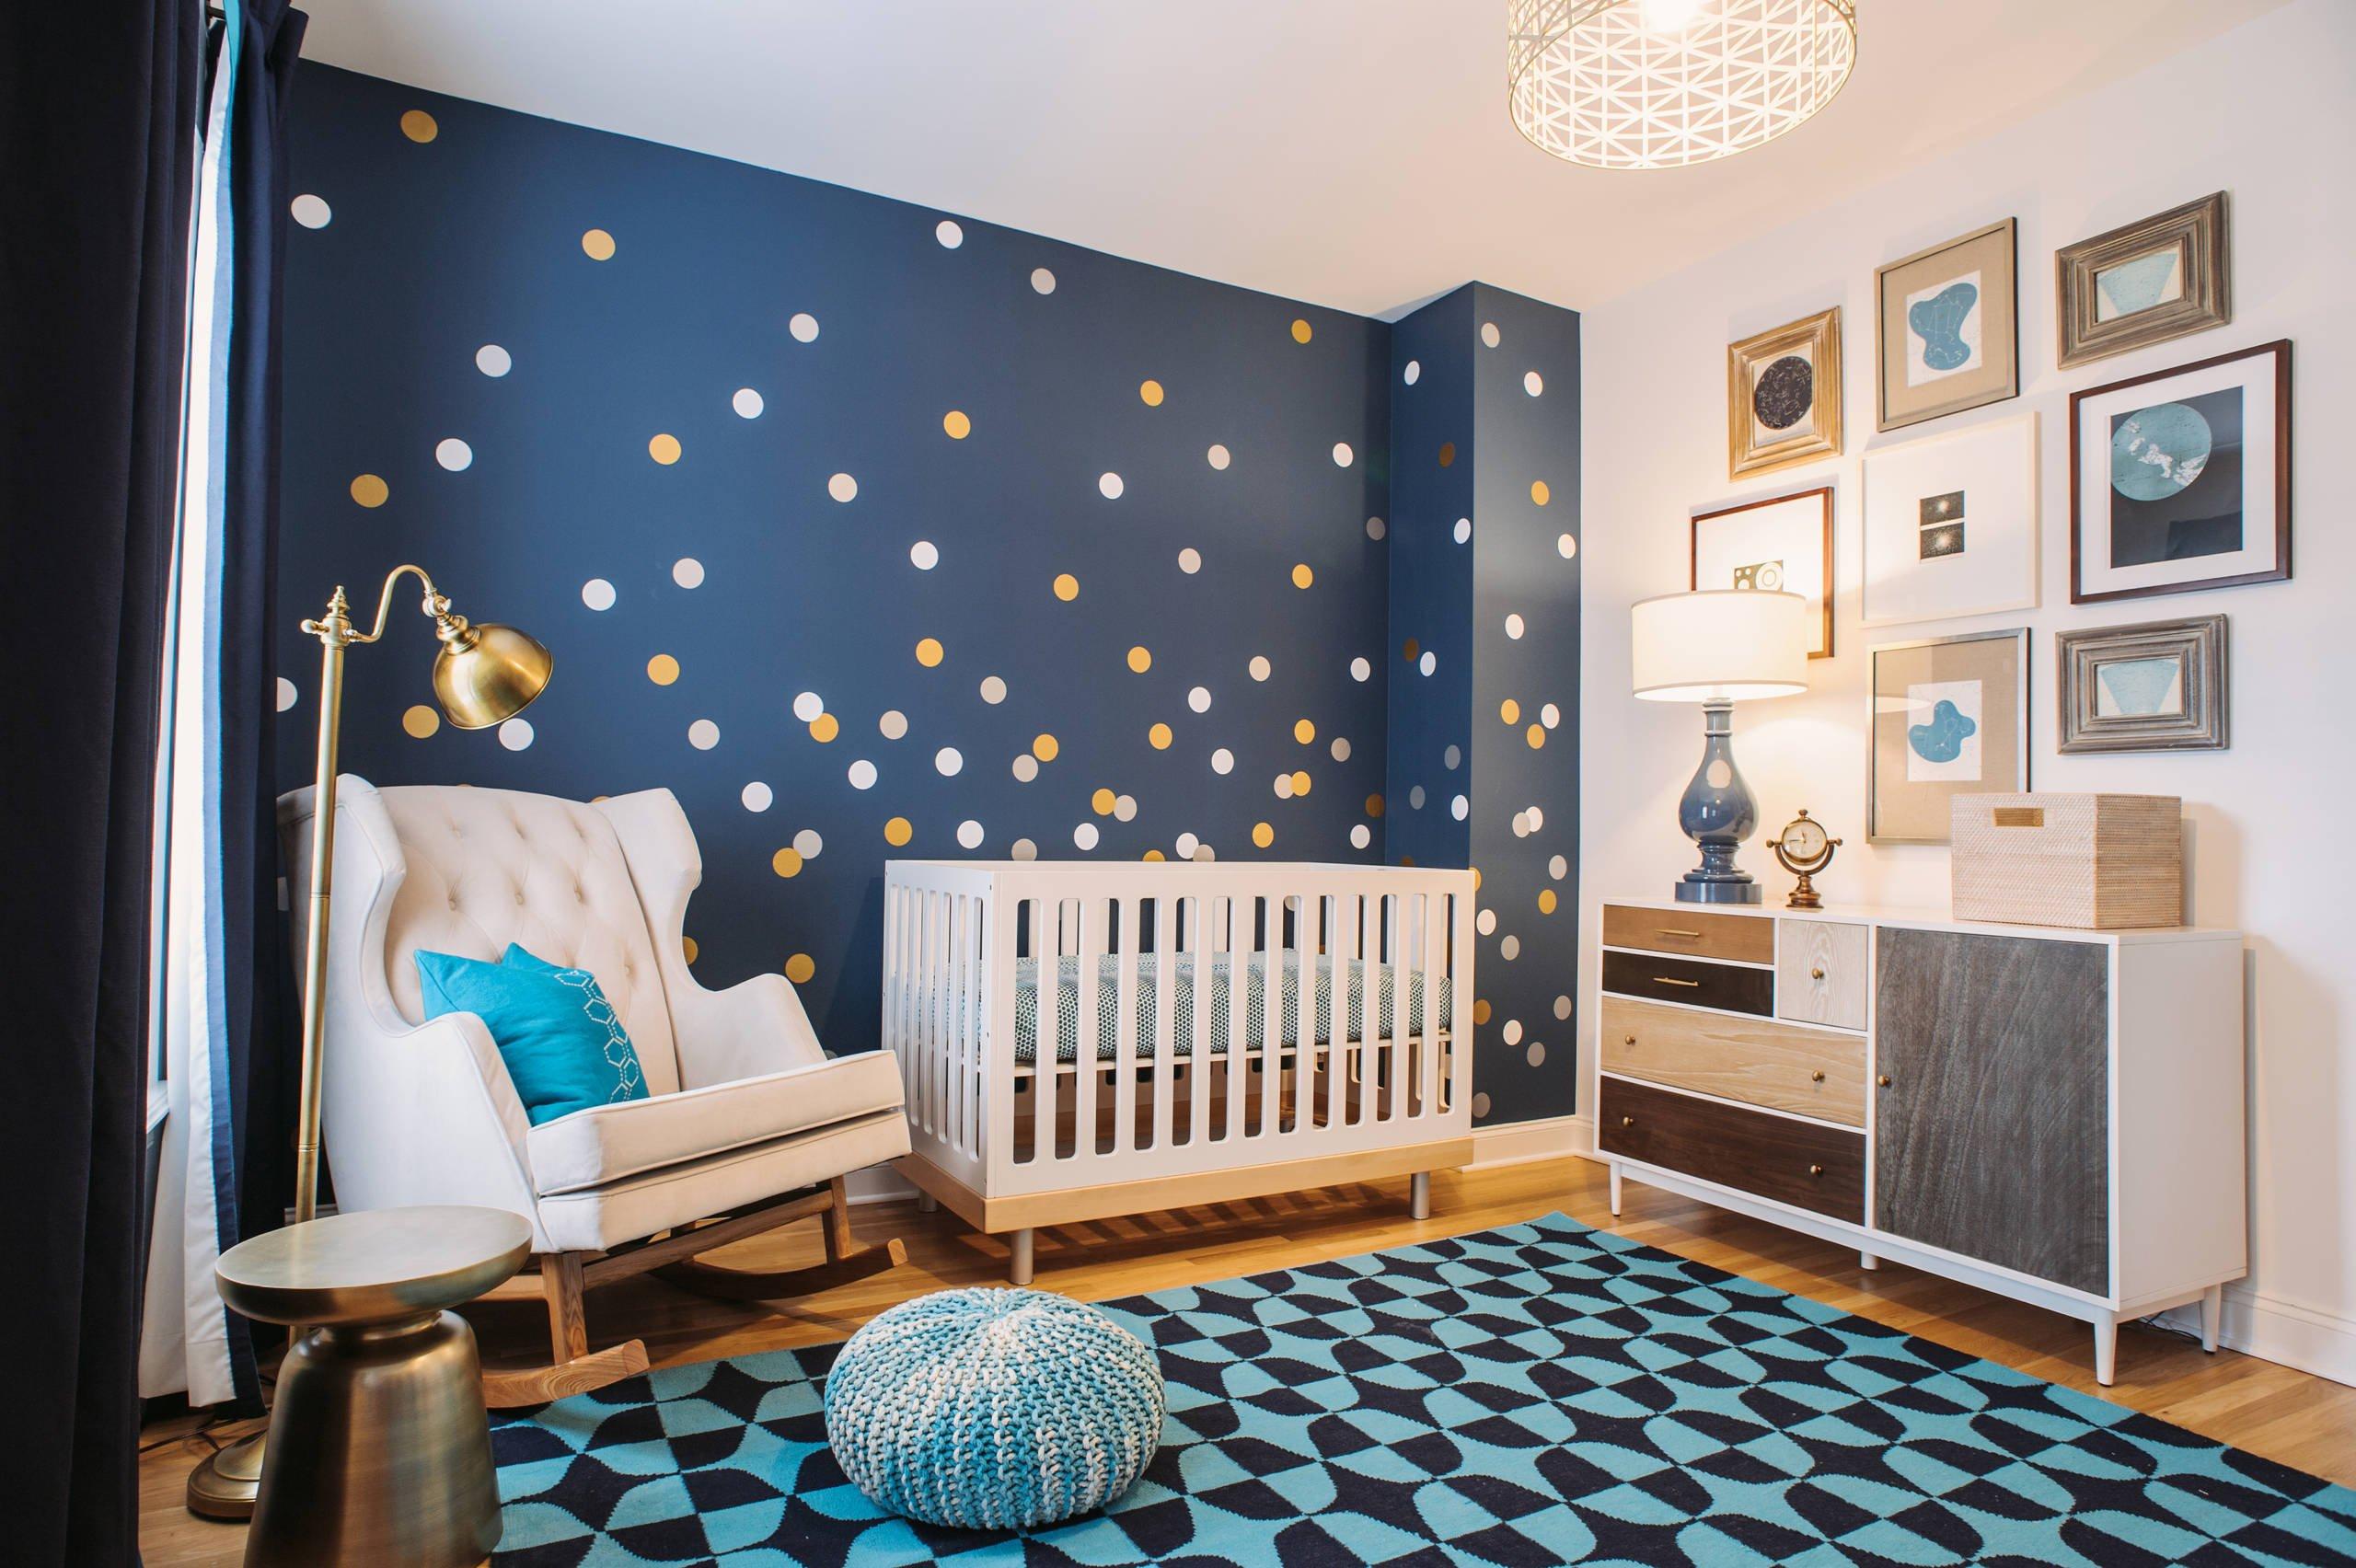 top 10 ideen f r wandgestaltung schlafzimmer gestalten sie die w nde im kinderzimmer effektvoll. Black Bedroom Furniture Sets. Home Design Ideas